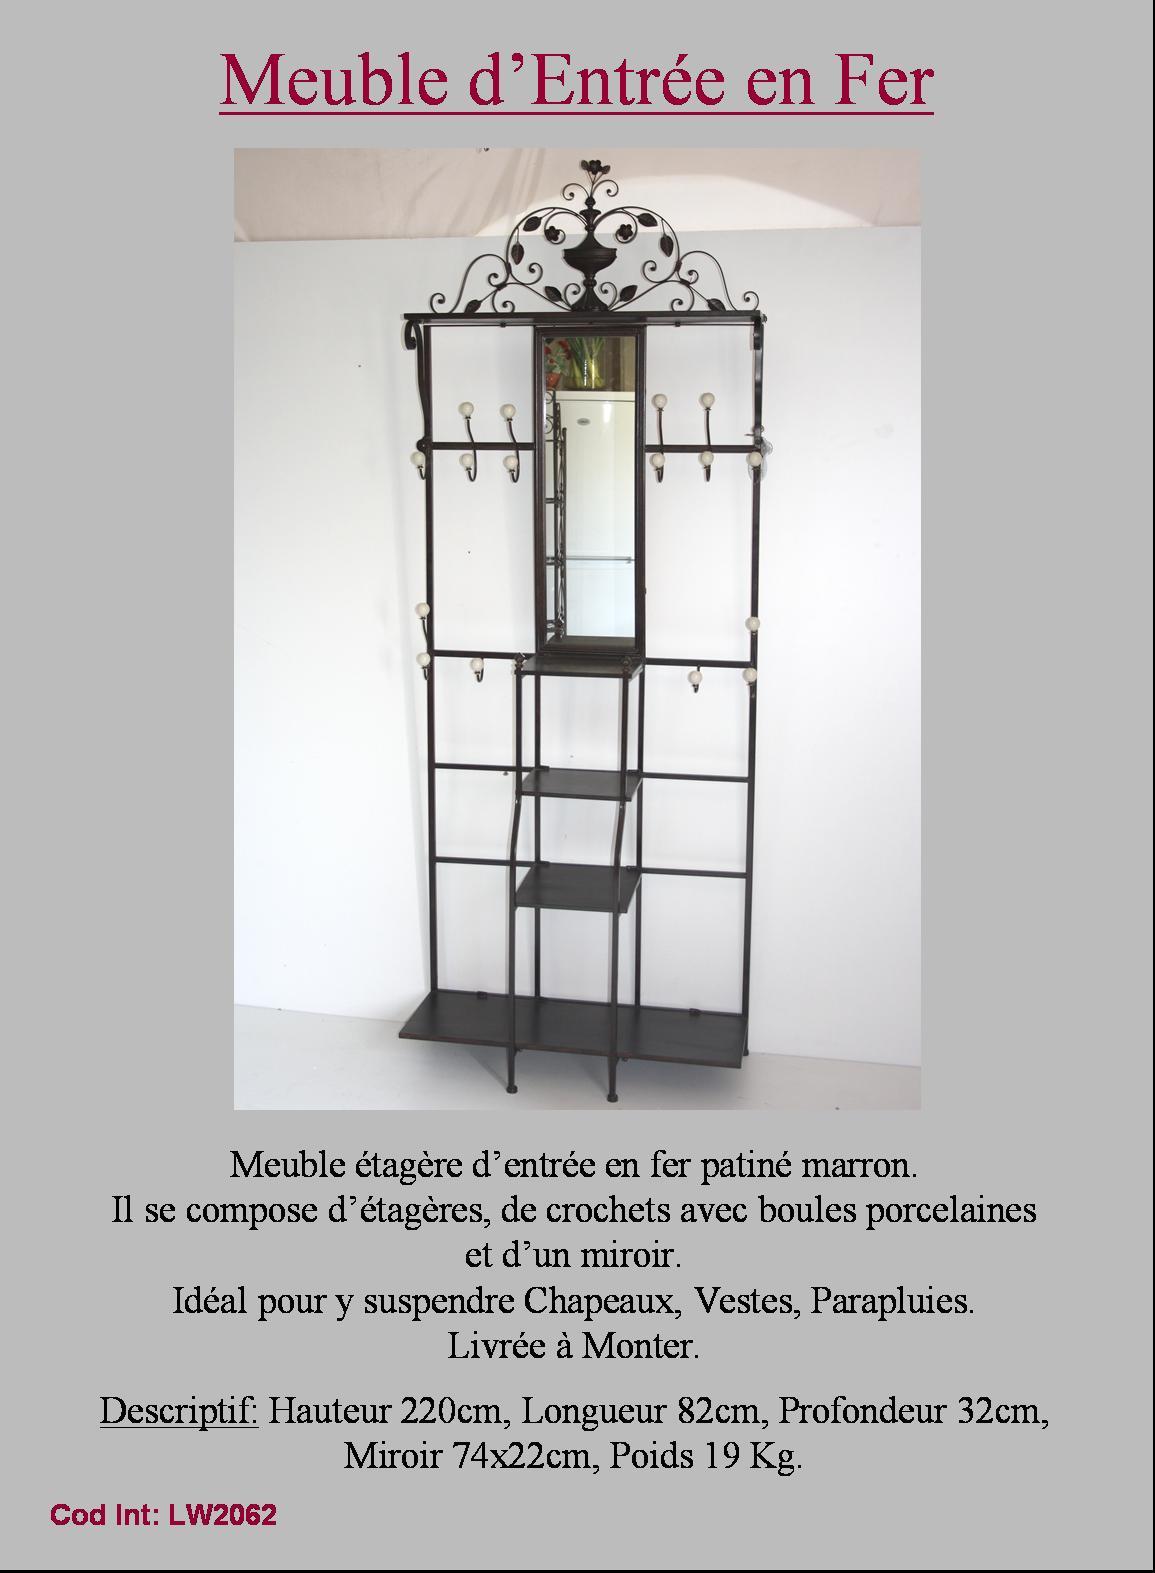 Meuble d entree meuble de rangement vestiaire fer forge ebay - Meuble de rangement entree ...